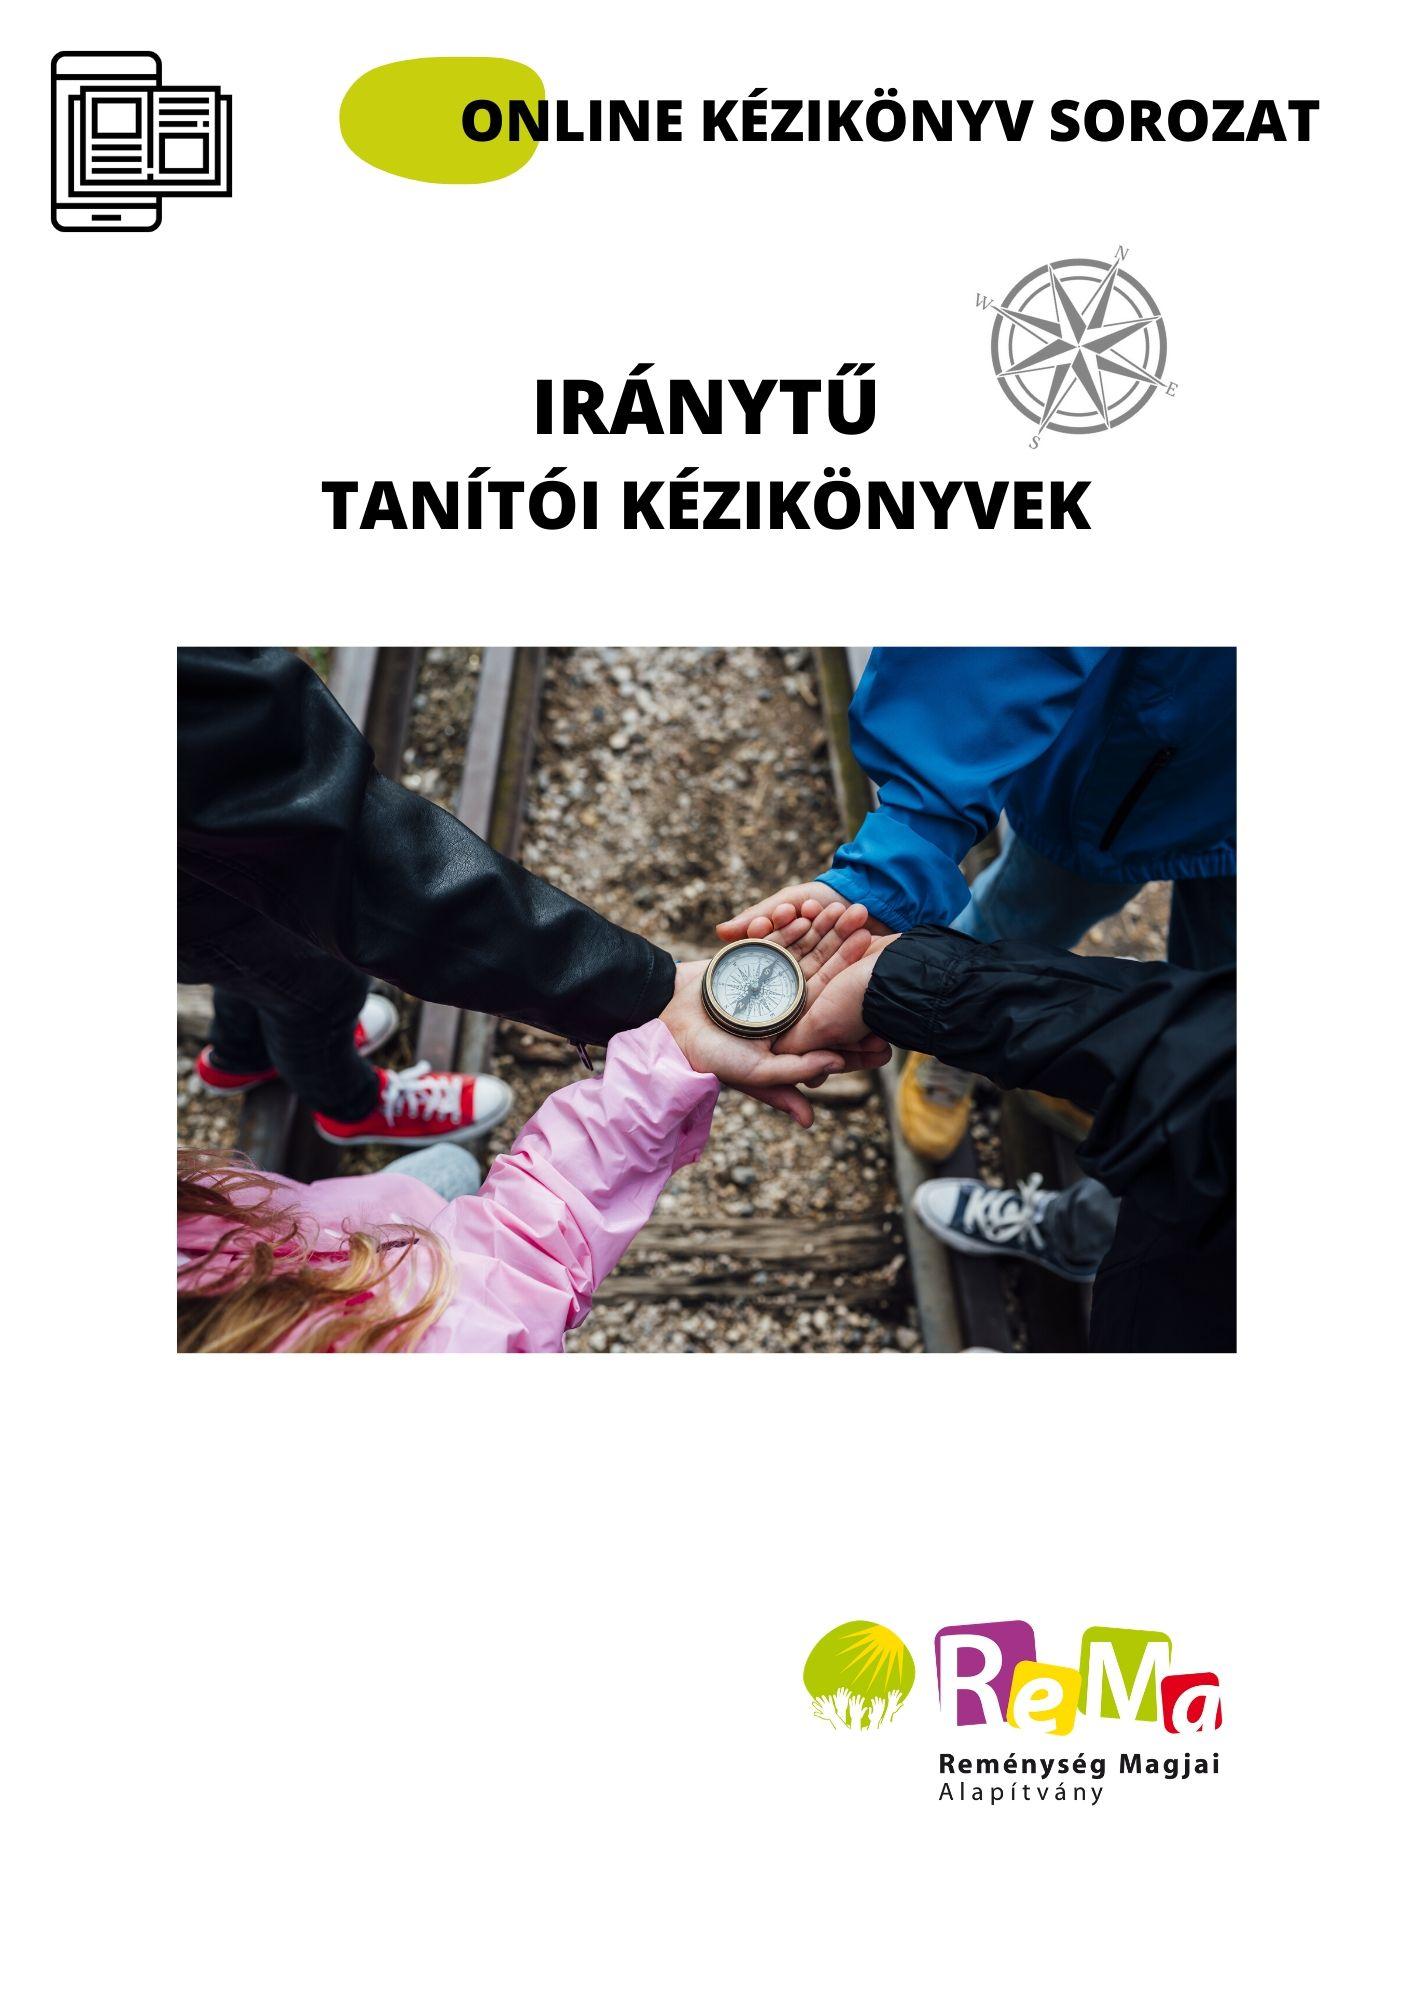 Iránytű ONLINE tanítói kézikönyv sorozat